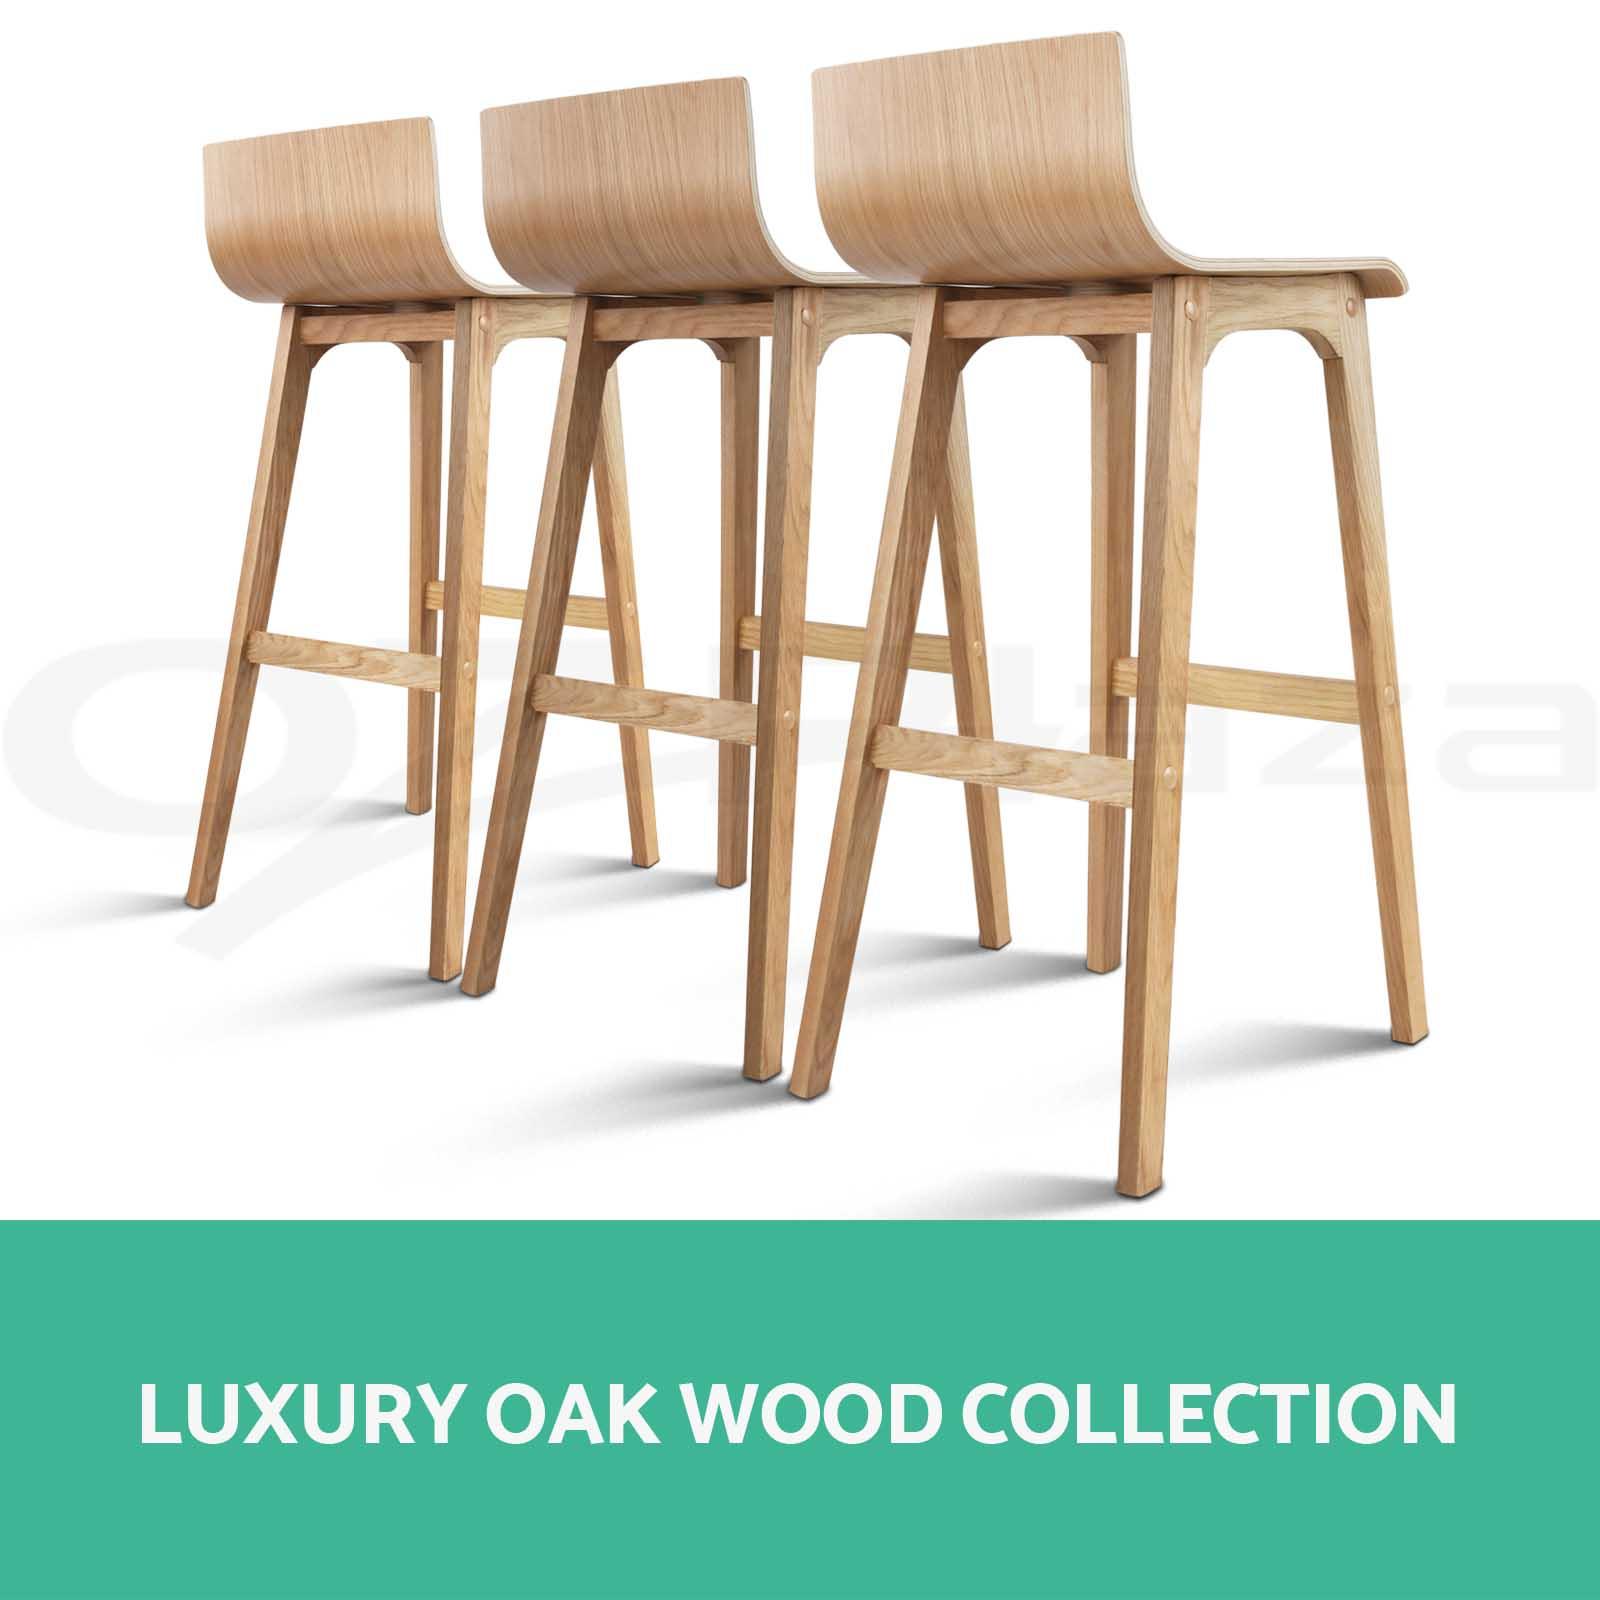 Oak Wooden Stool ~ Oak wood bar stool wooden dining chair kitchen side